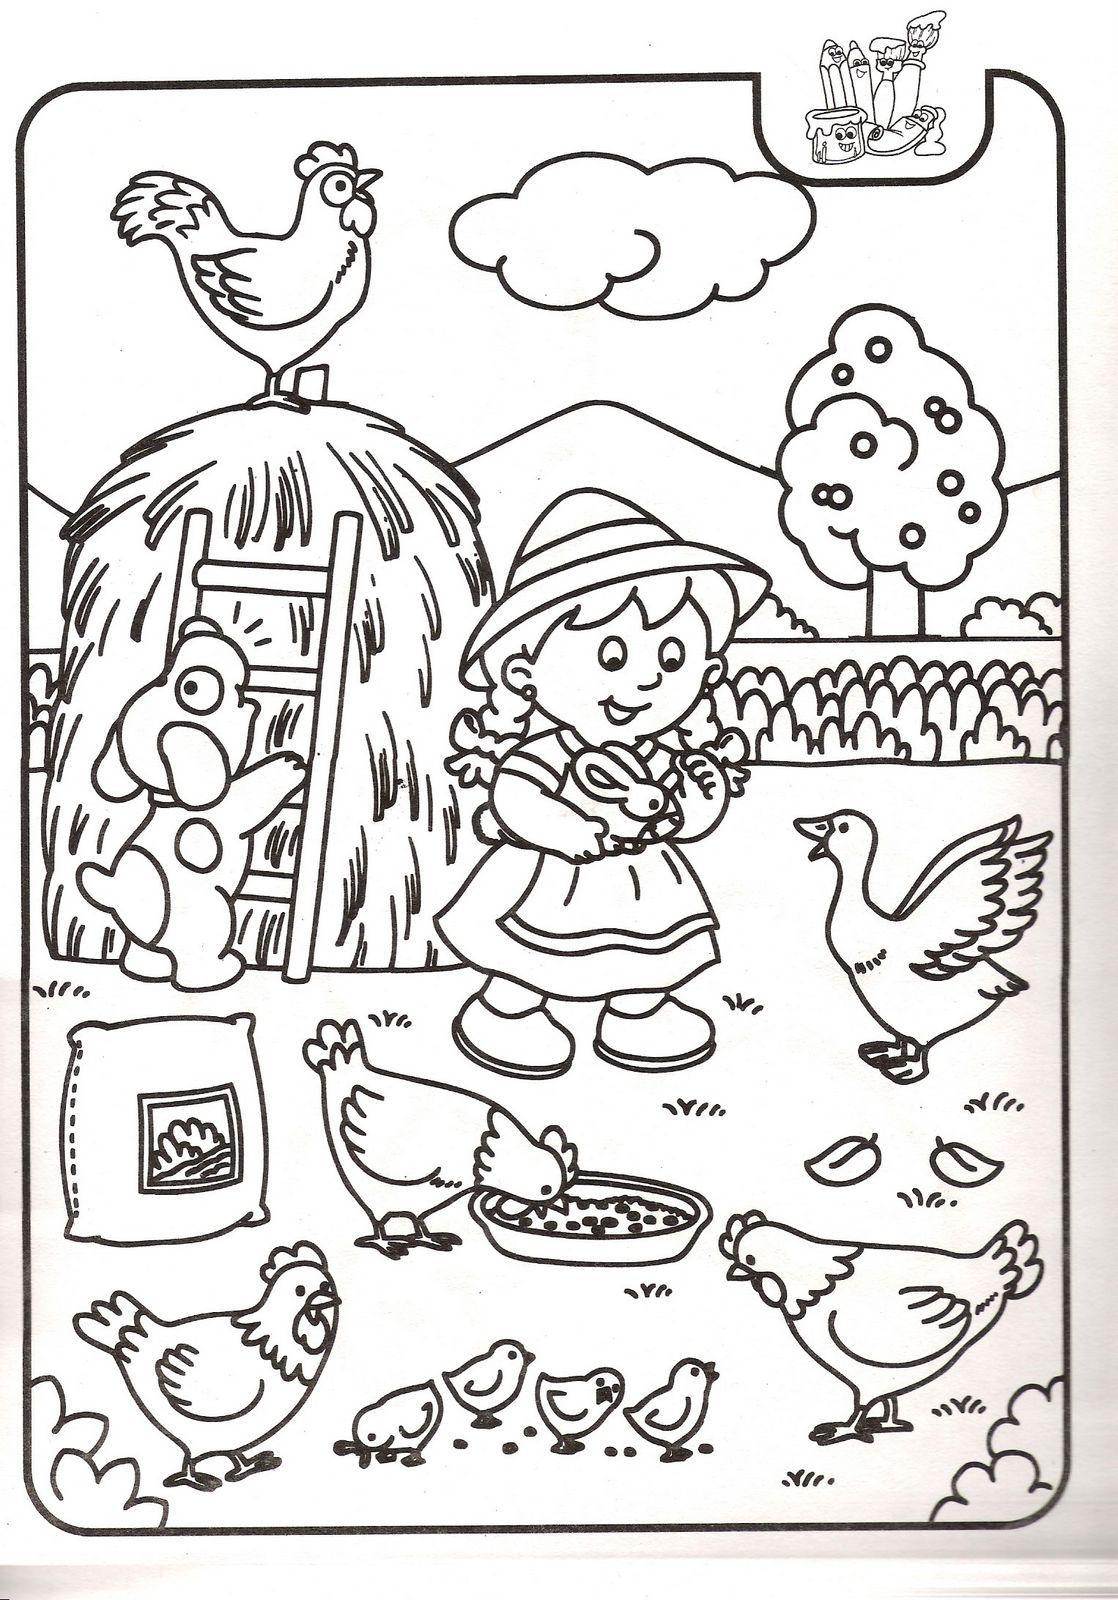 Los duendes y hadas de Ludi: Proyecto Mi huerto | Marcos | Pinterest ...